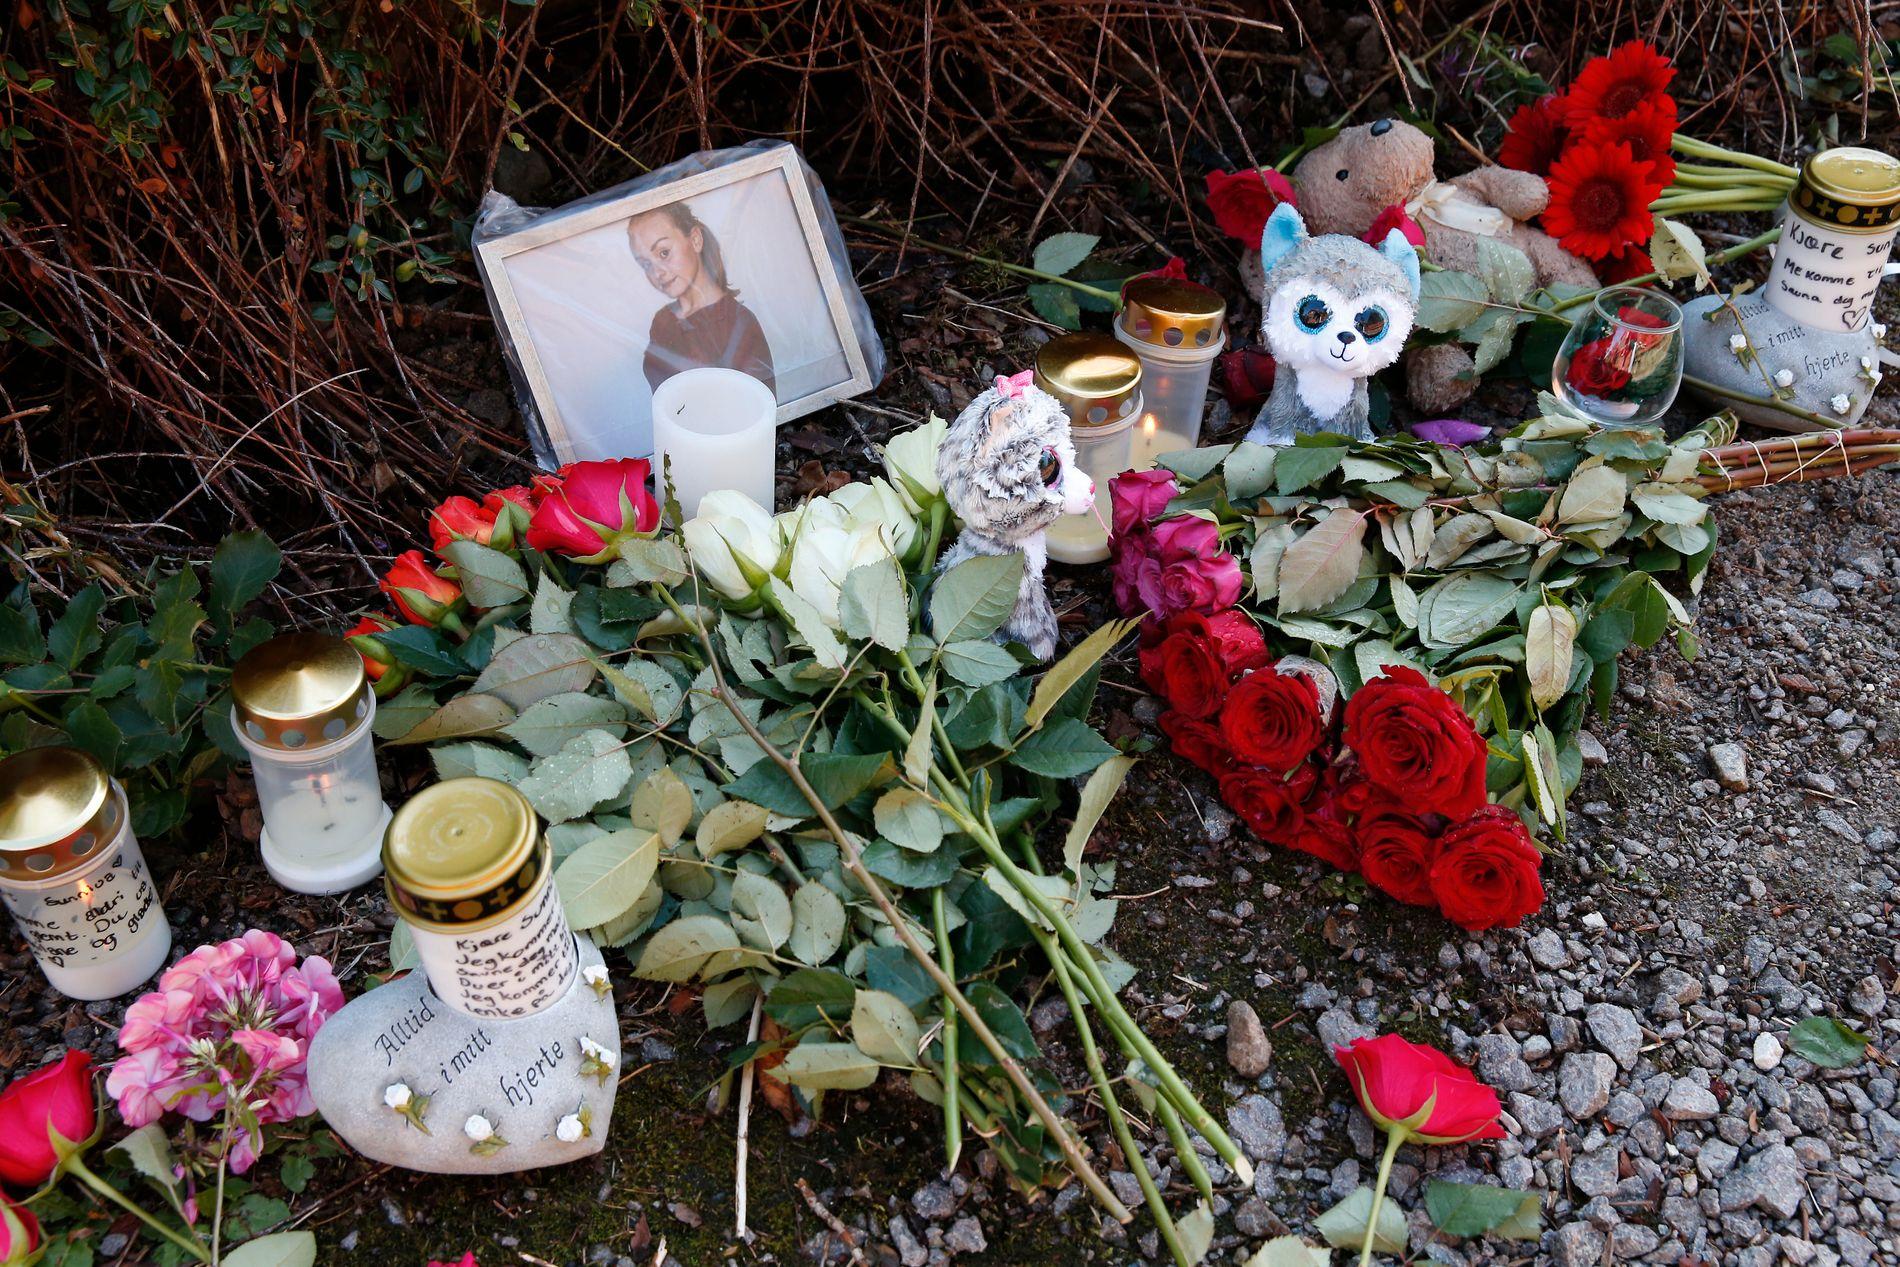 MINNESTED: Blomster, bamser og lys ble lagt ned på stedet etter at Sunniva Ødegård (13) ble funnet drept på Varhaug i juli i fjor.